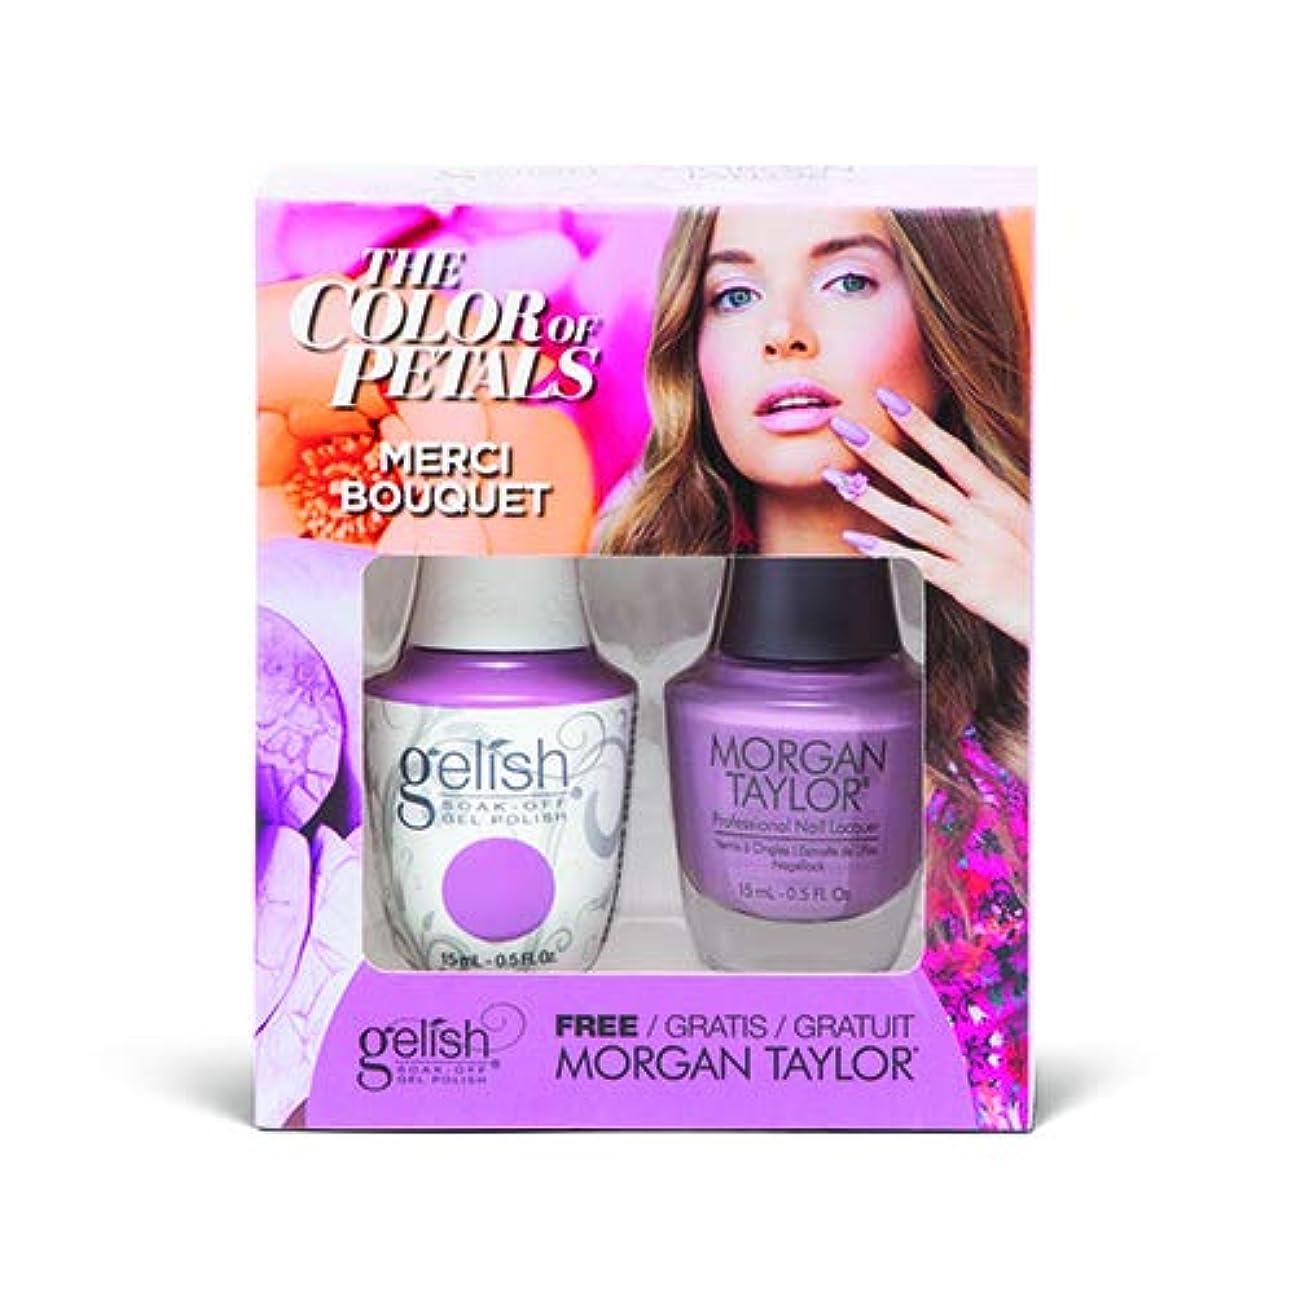 ハリケーン高潔なクリックHarmony Gelish - Two Of A Kind - The Color Of Petals - Merci Bouquet - 15 mL / 0.5 Oz